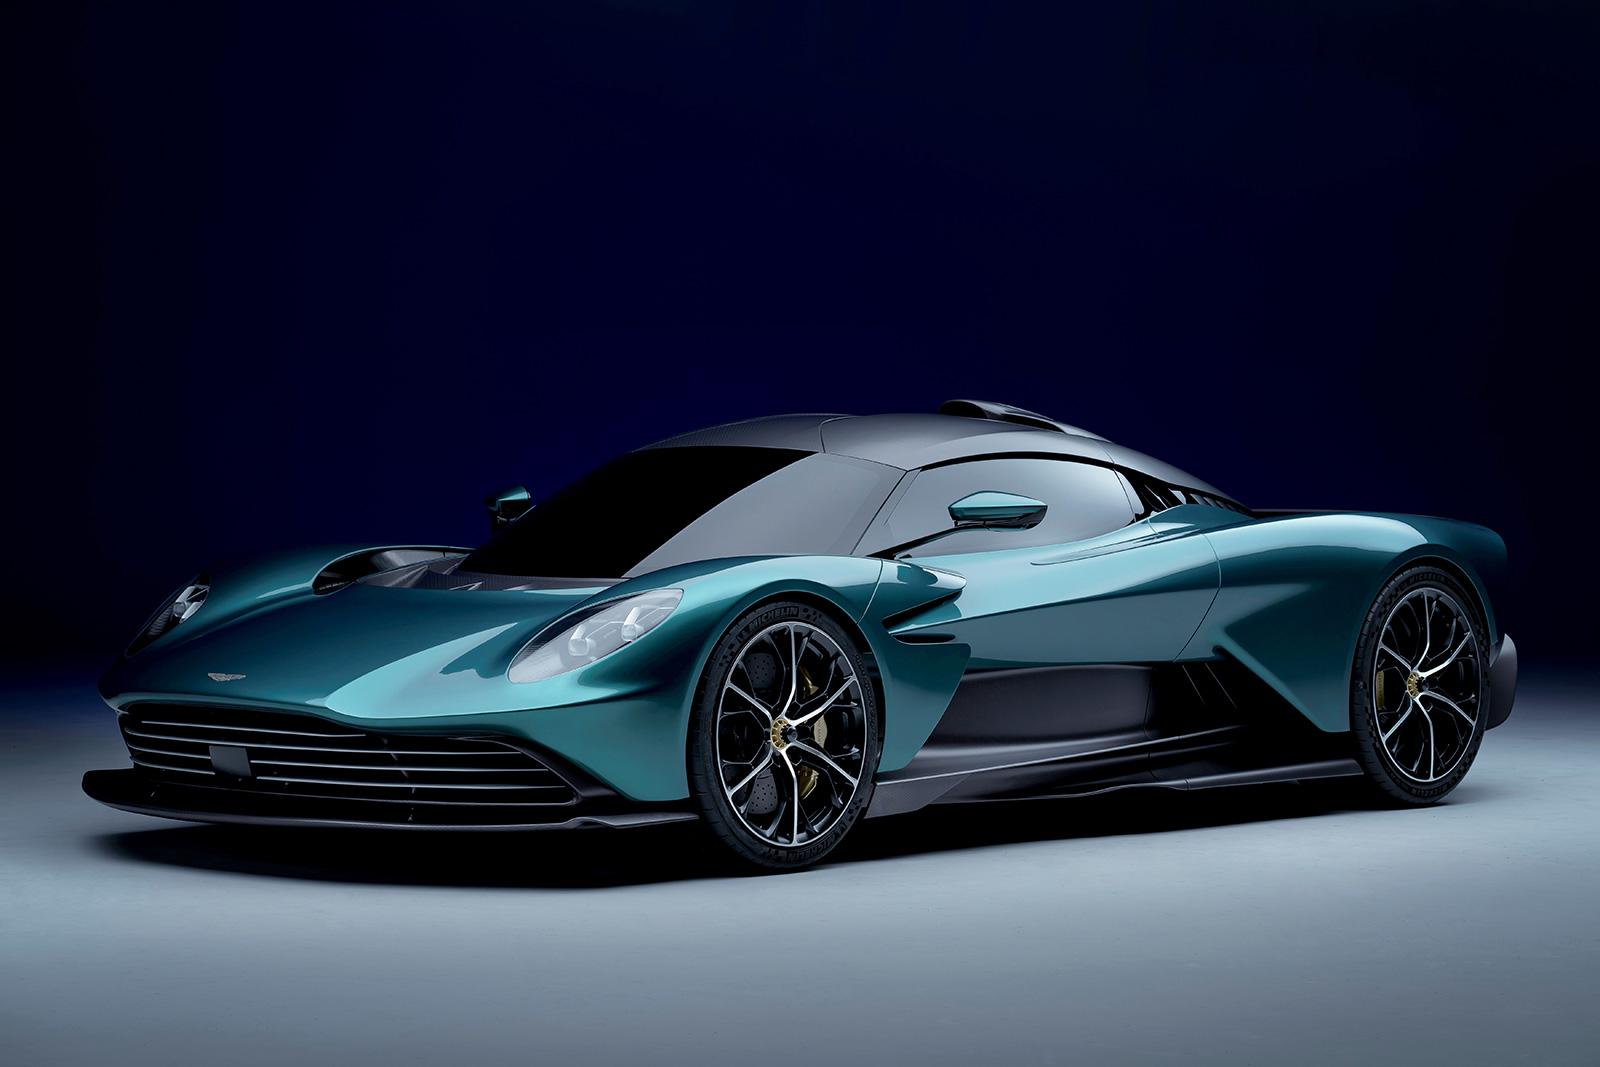 Aston Martin's Valhalla Hybrid Supercar hint naar de toekomst van elektrische auto's